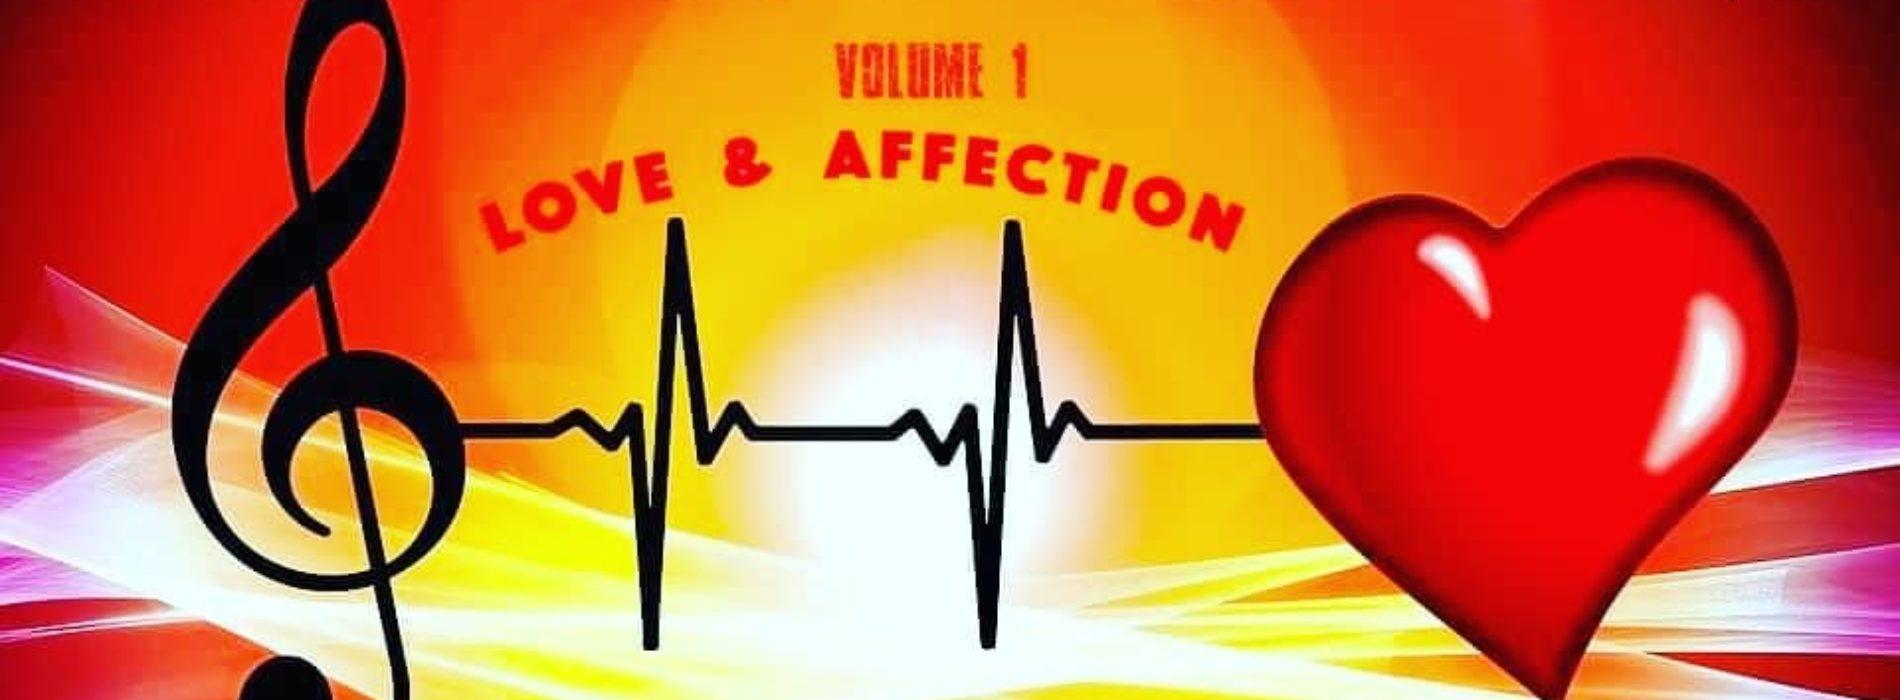 Clk Mix Volume 1 dj veens  – Love & Affection – Mai 2020